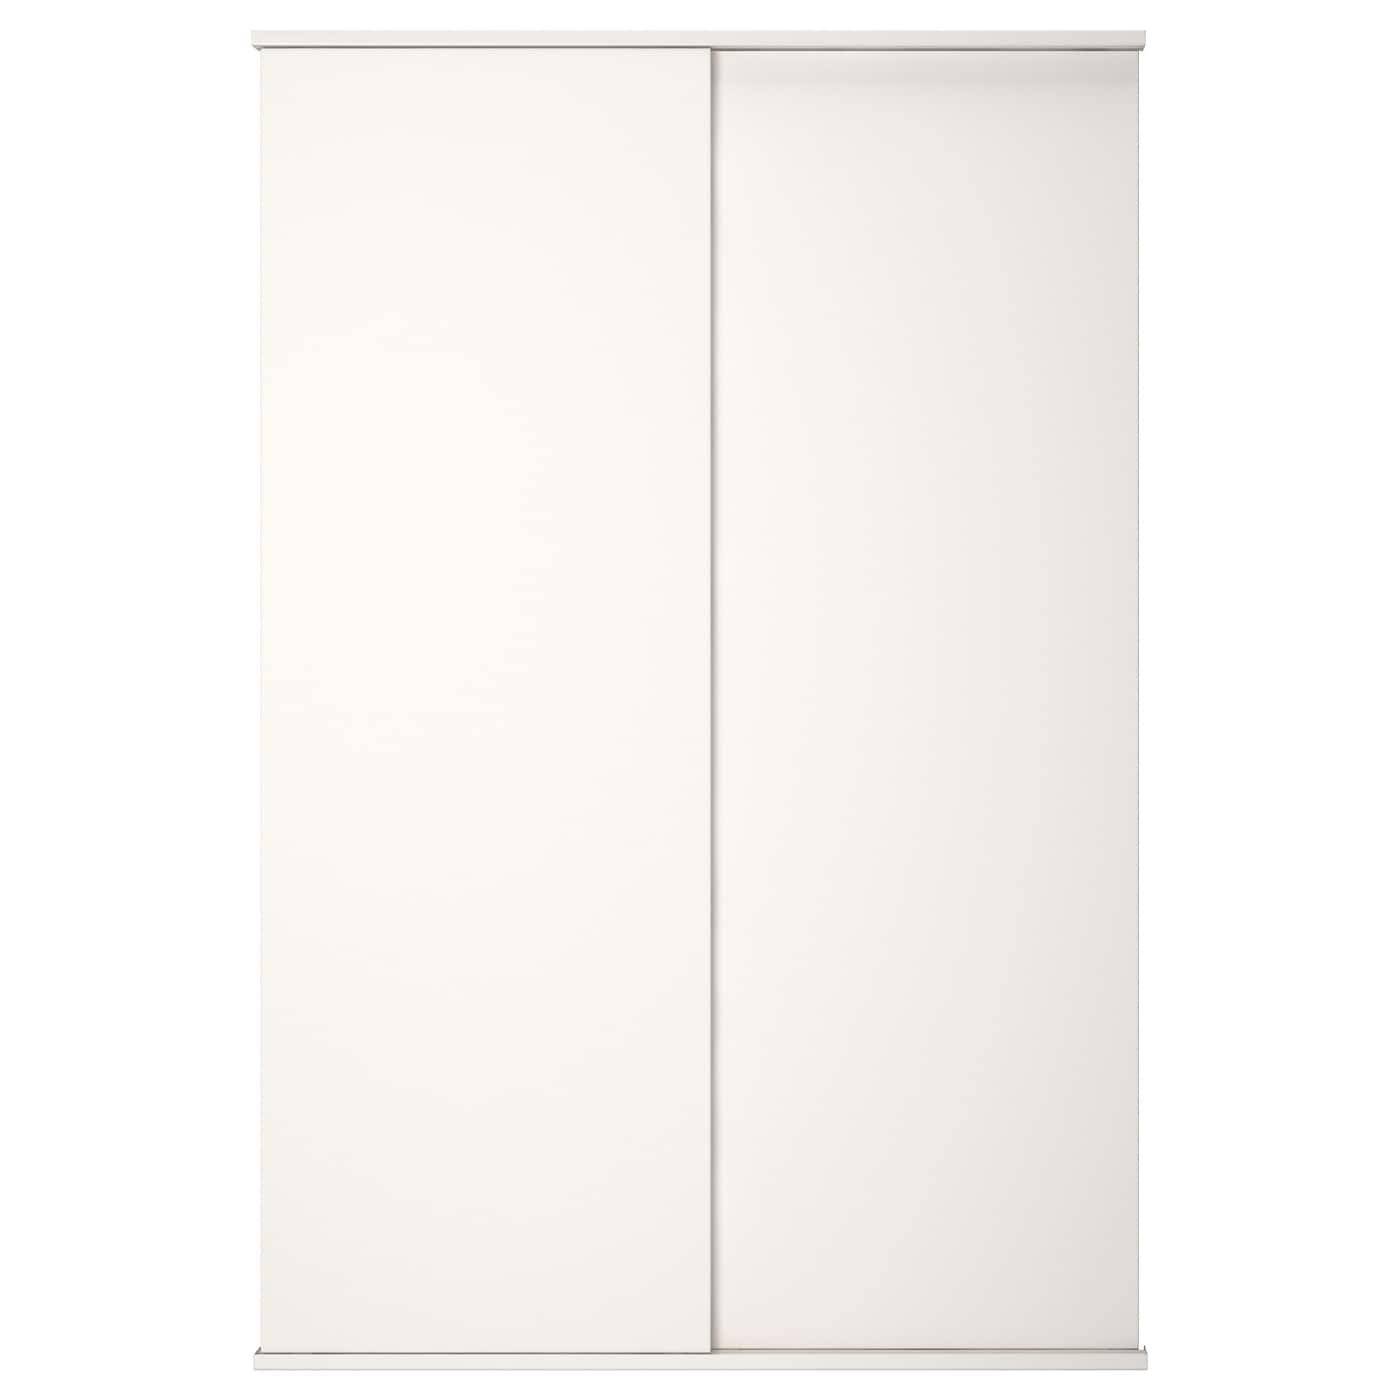 Fonnes Porte Coulissante Avec Rail Blanc 120x180 Cm Ikea